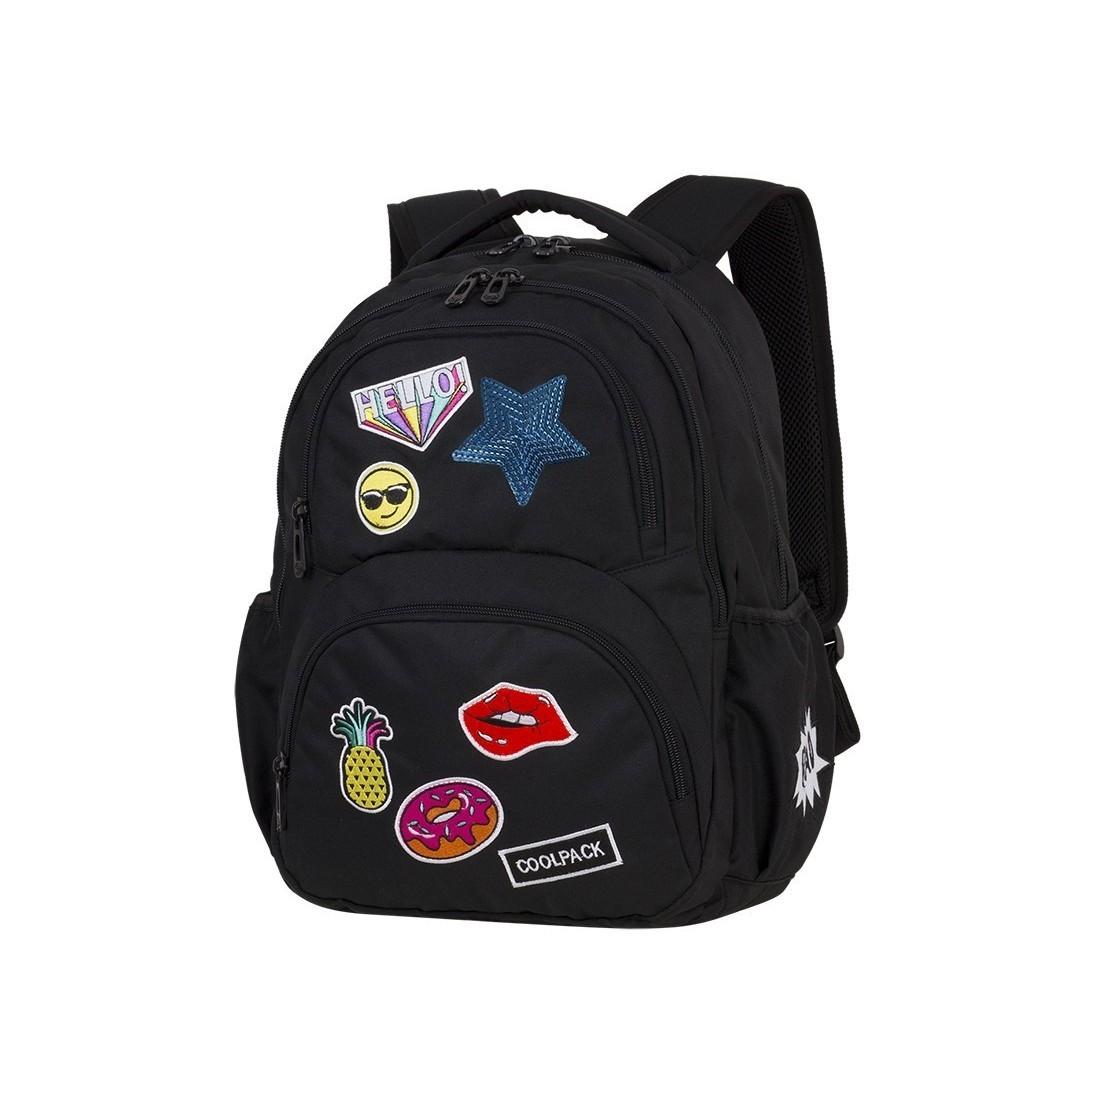 c3f37943533f9 Plecak młodzieżowy CoolPack CP DART II BADGES GIRLS BLACK czarny z  naszywkami